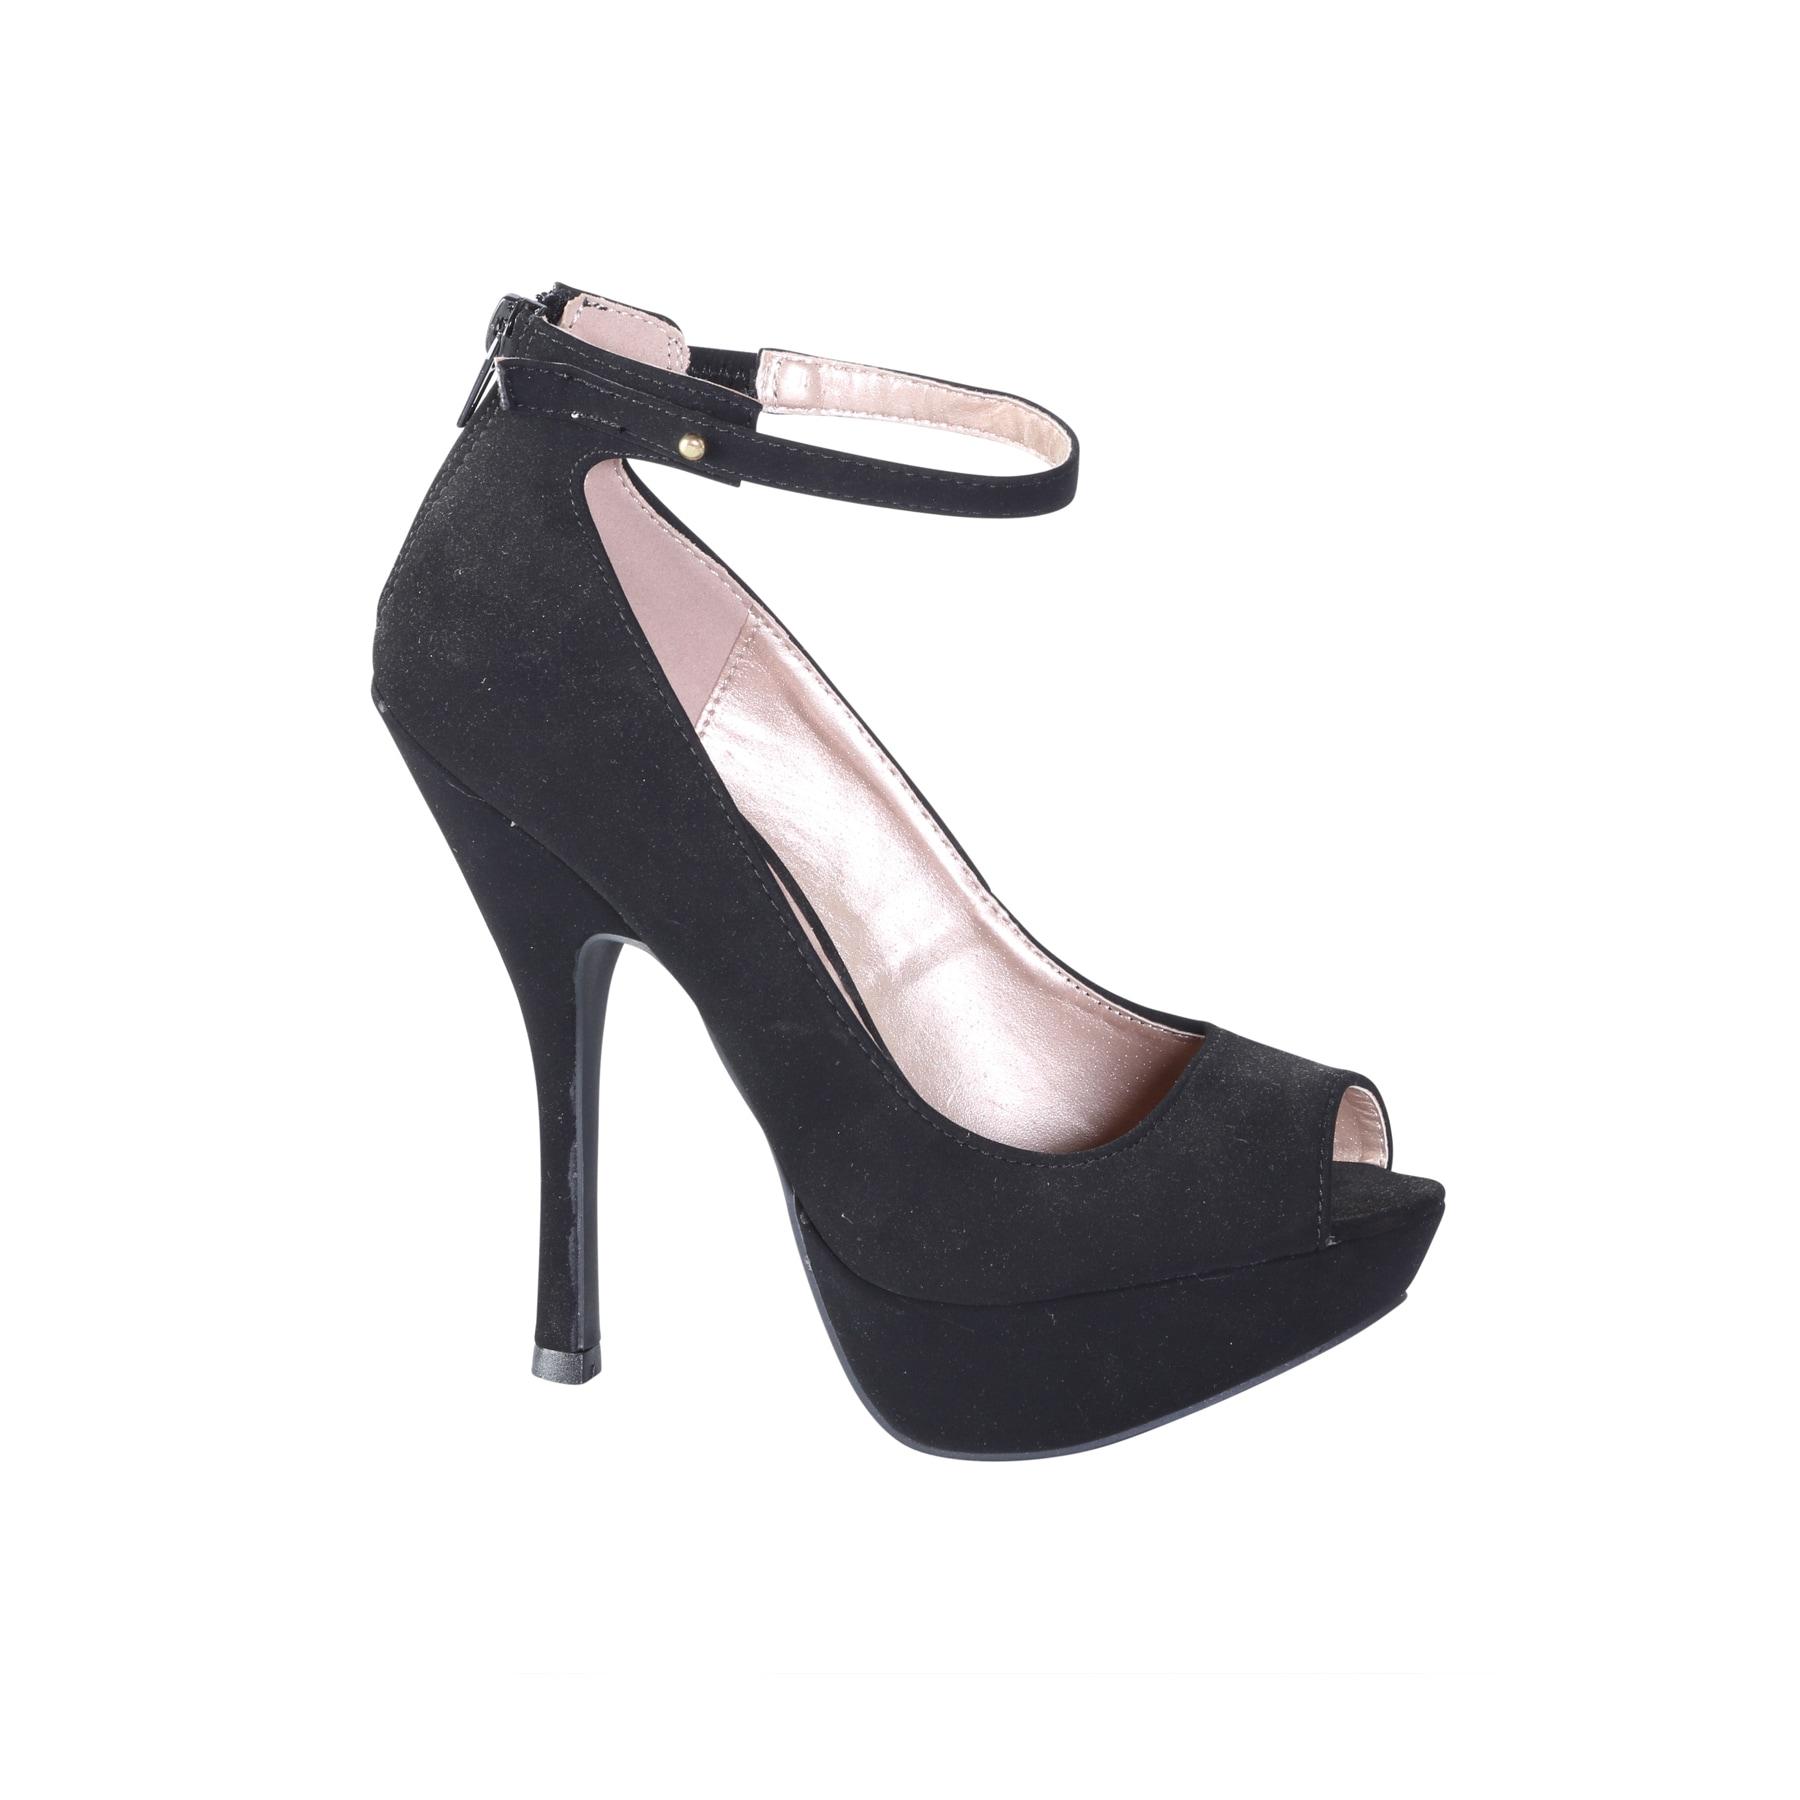 42cfd8d175 Shop Hadari Women's Kylie Stiletto Heel - Ships To Canada - Overstock -  14196236